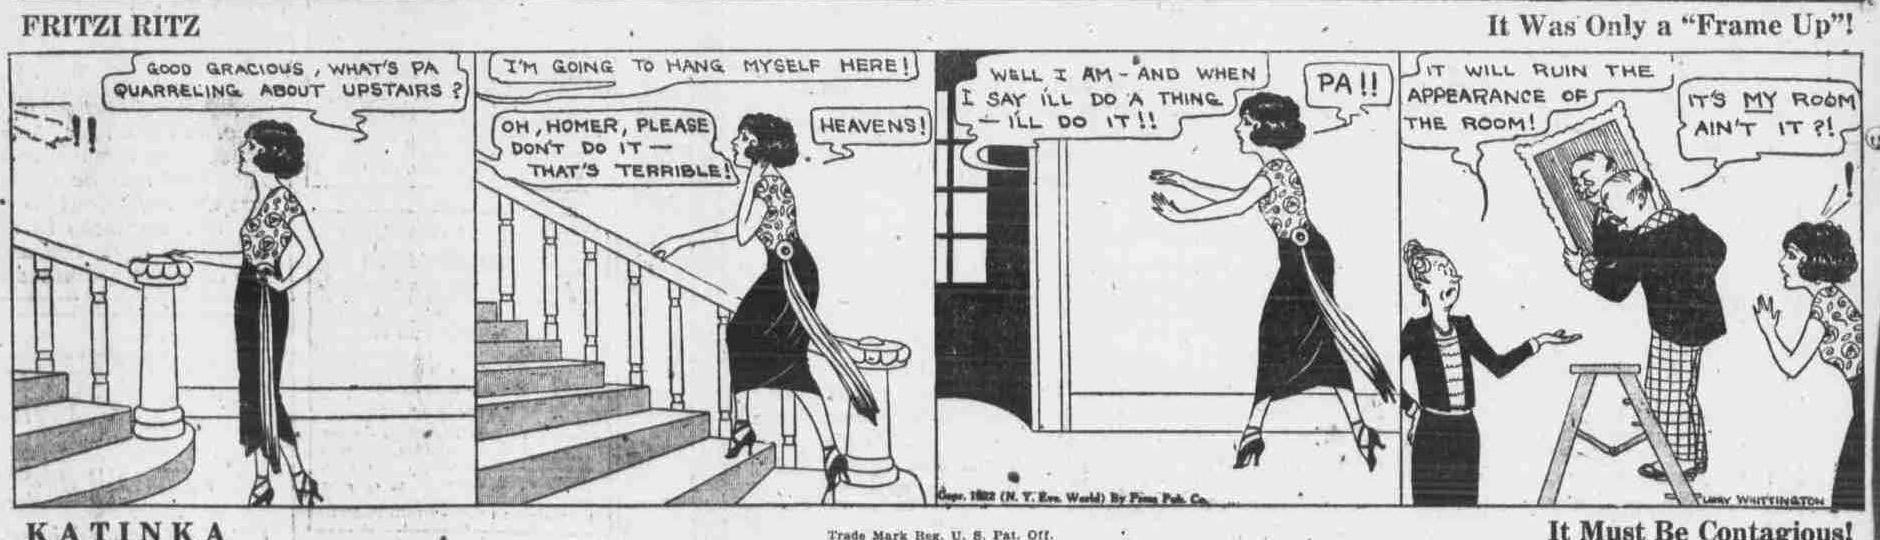 Oct. 17, 1922